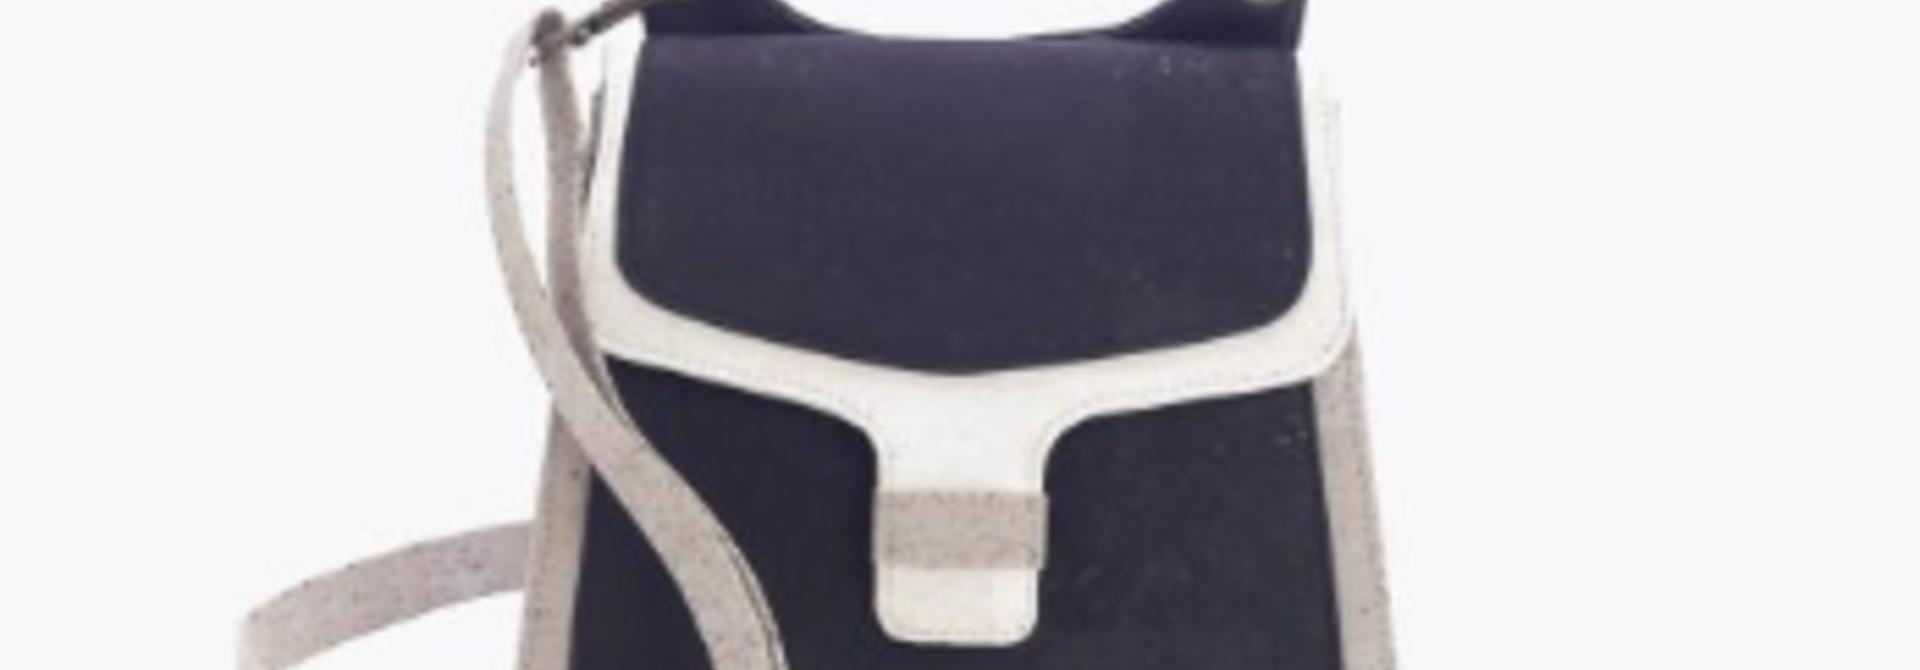 7802.04 Handtas zwart-wit